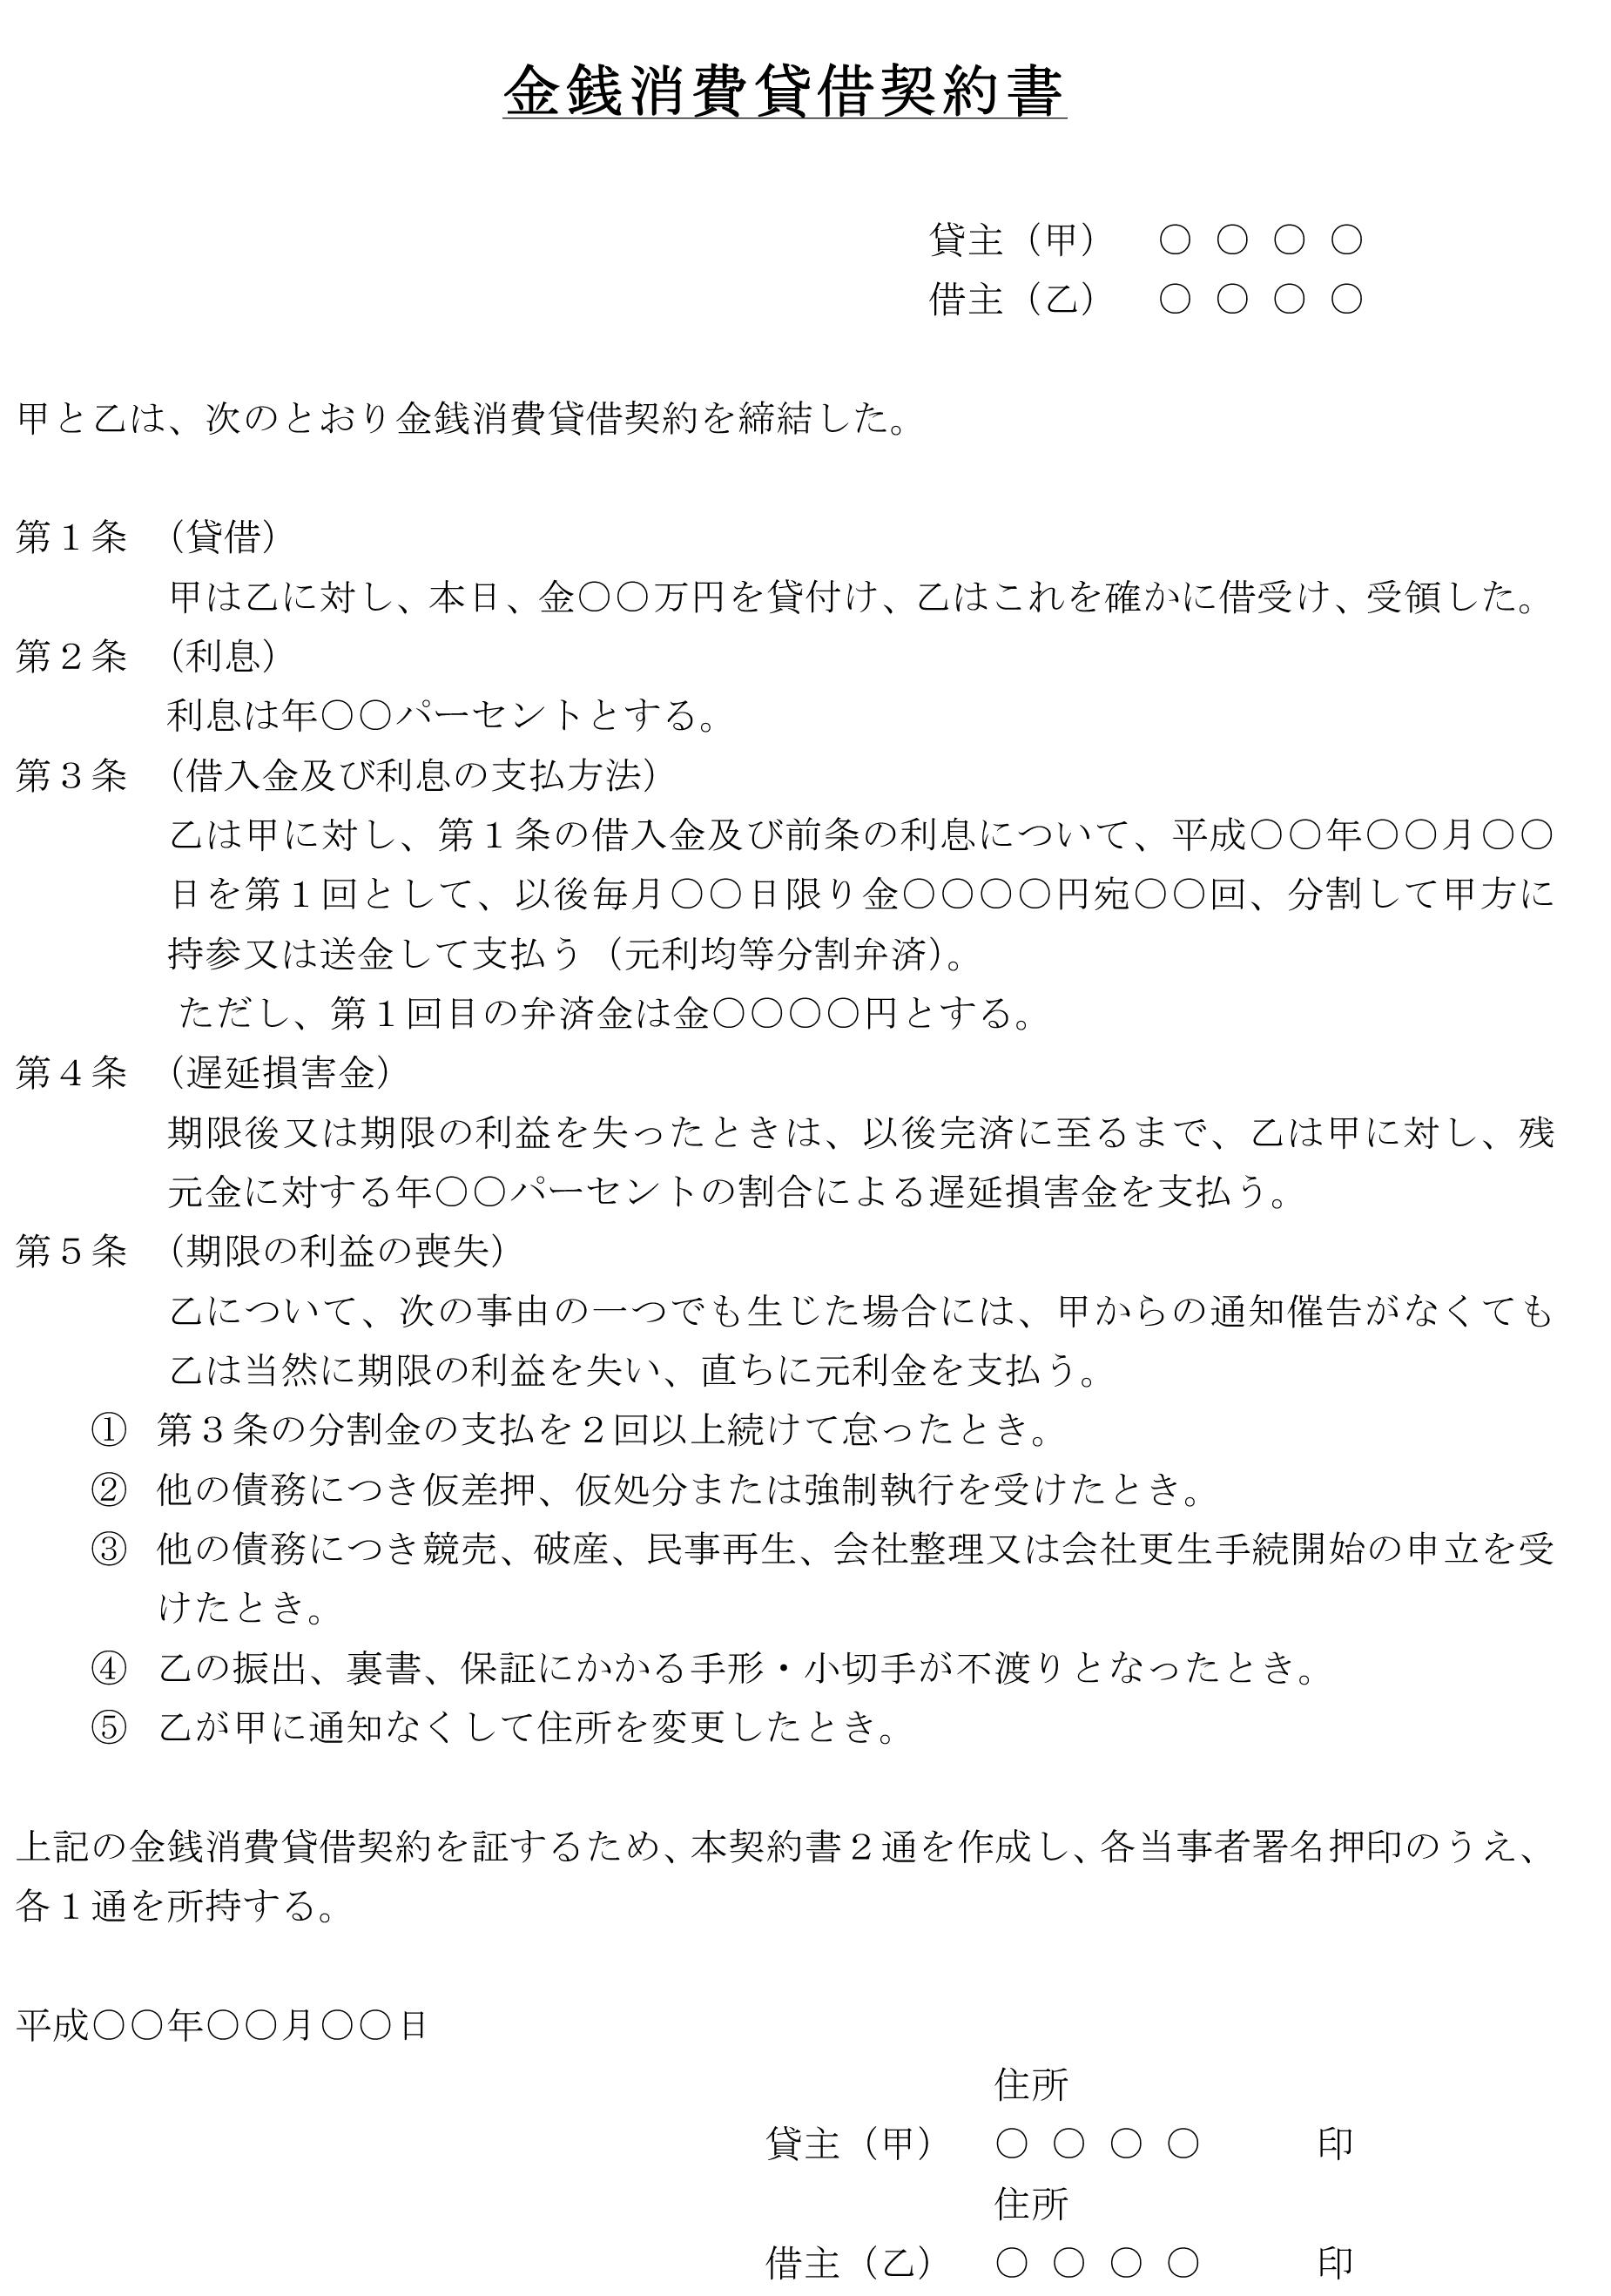 金銭消費貸借契約書03